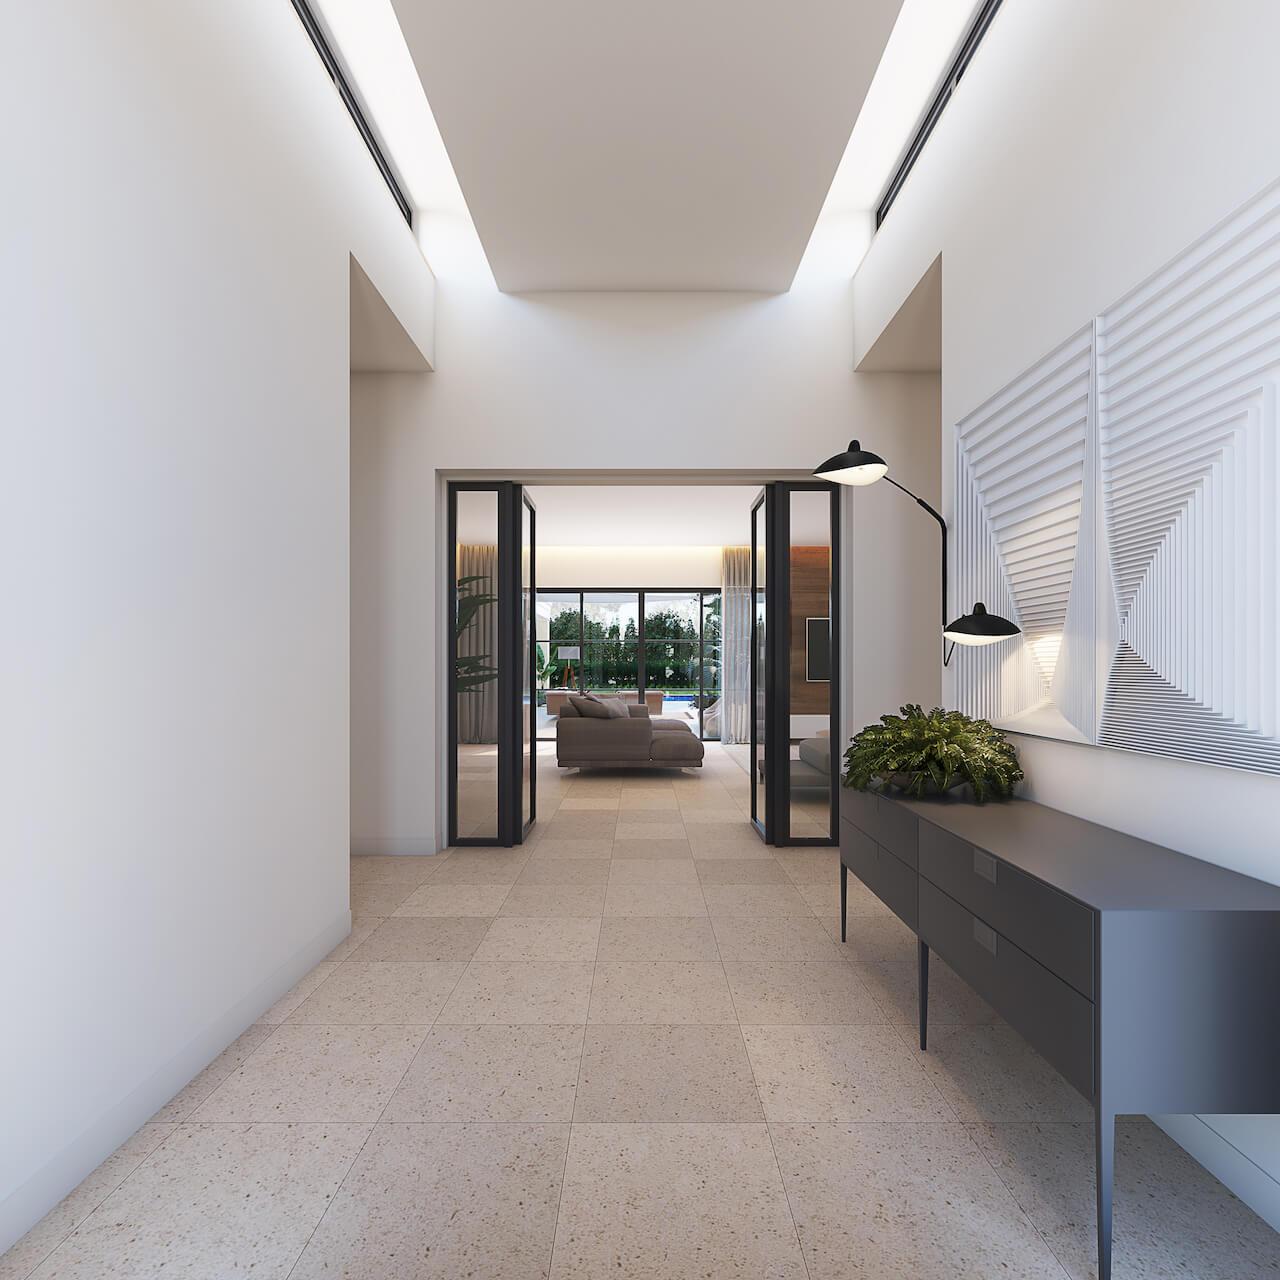 Casa MG 3D - Entrada | MG House 3D - Lobby